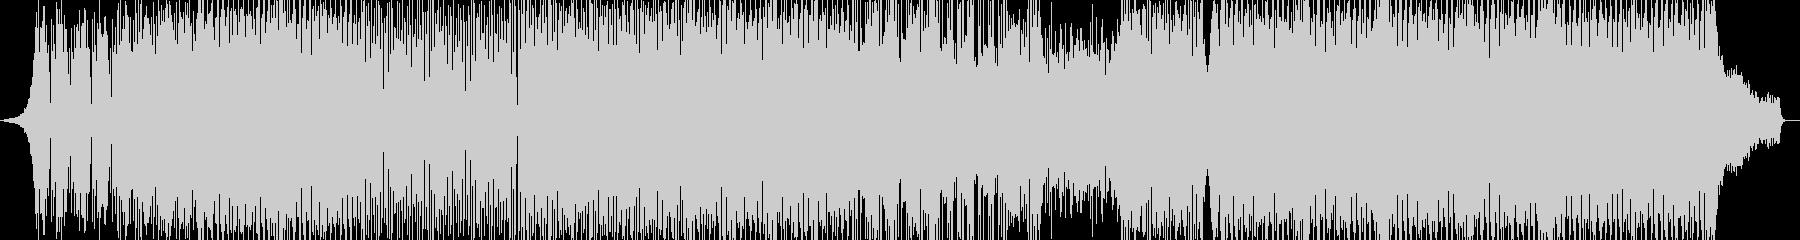 洋楽、元気系EDMトラックの未再生の波形